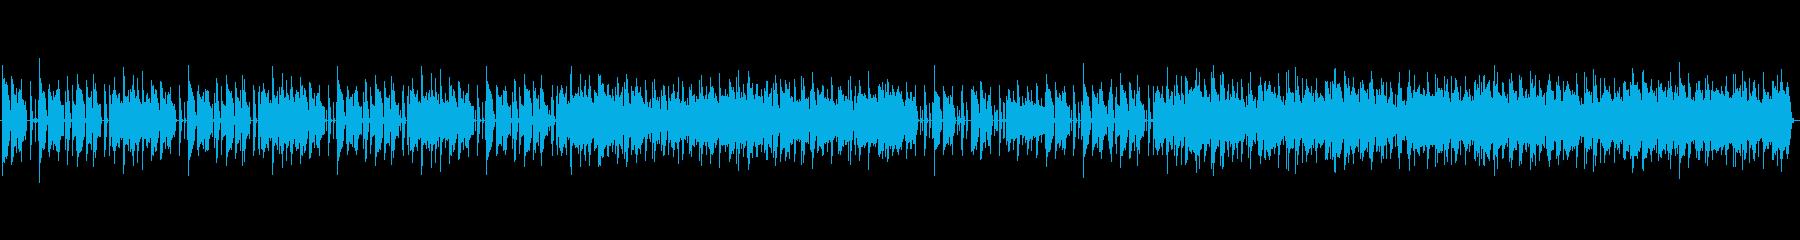 夜景/大人/都会_No585_1の再生済みの波形